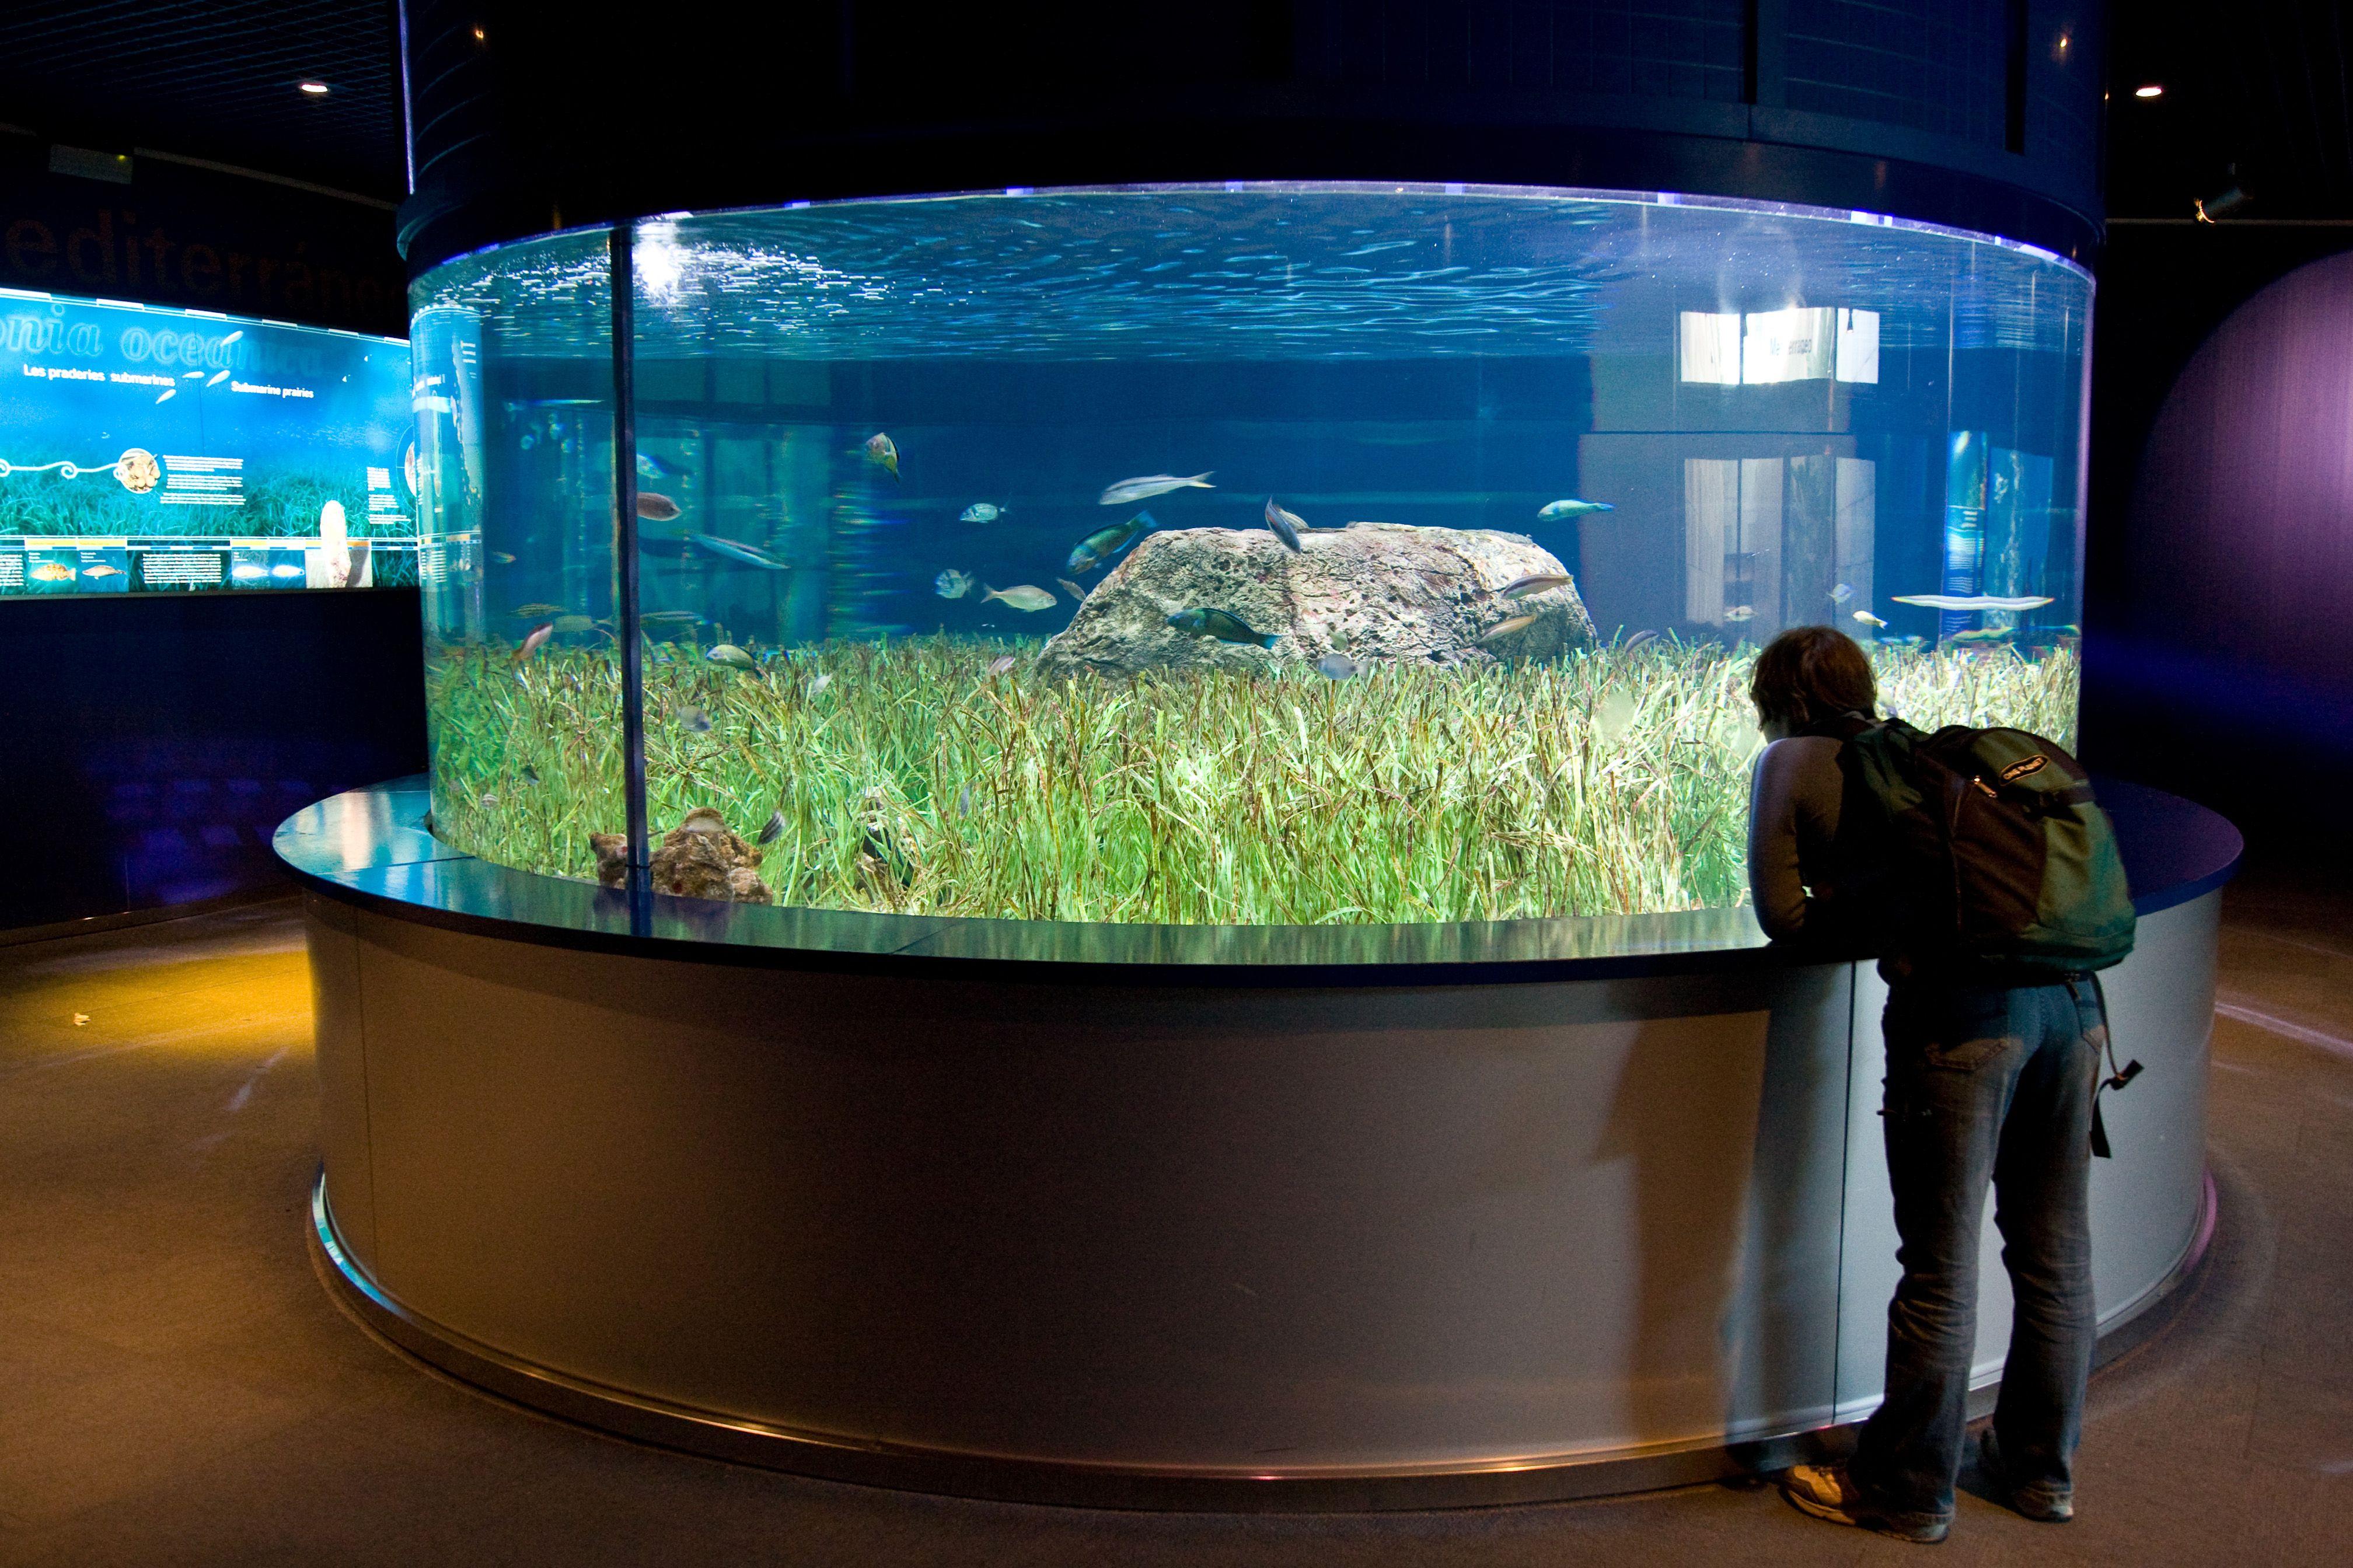 Posts About Aquariums In Texas Aquariums Aquariums In San Antonio Aquariums For Sale Aquariums Near Me Aqua Aquarium Design Zoo Architecture Aquariums For Sale